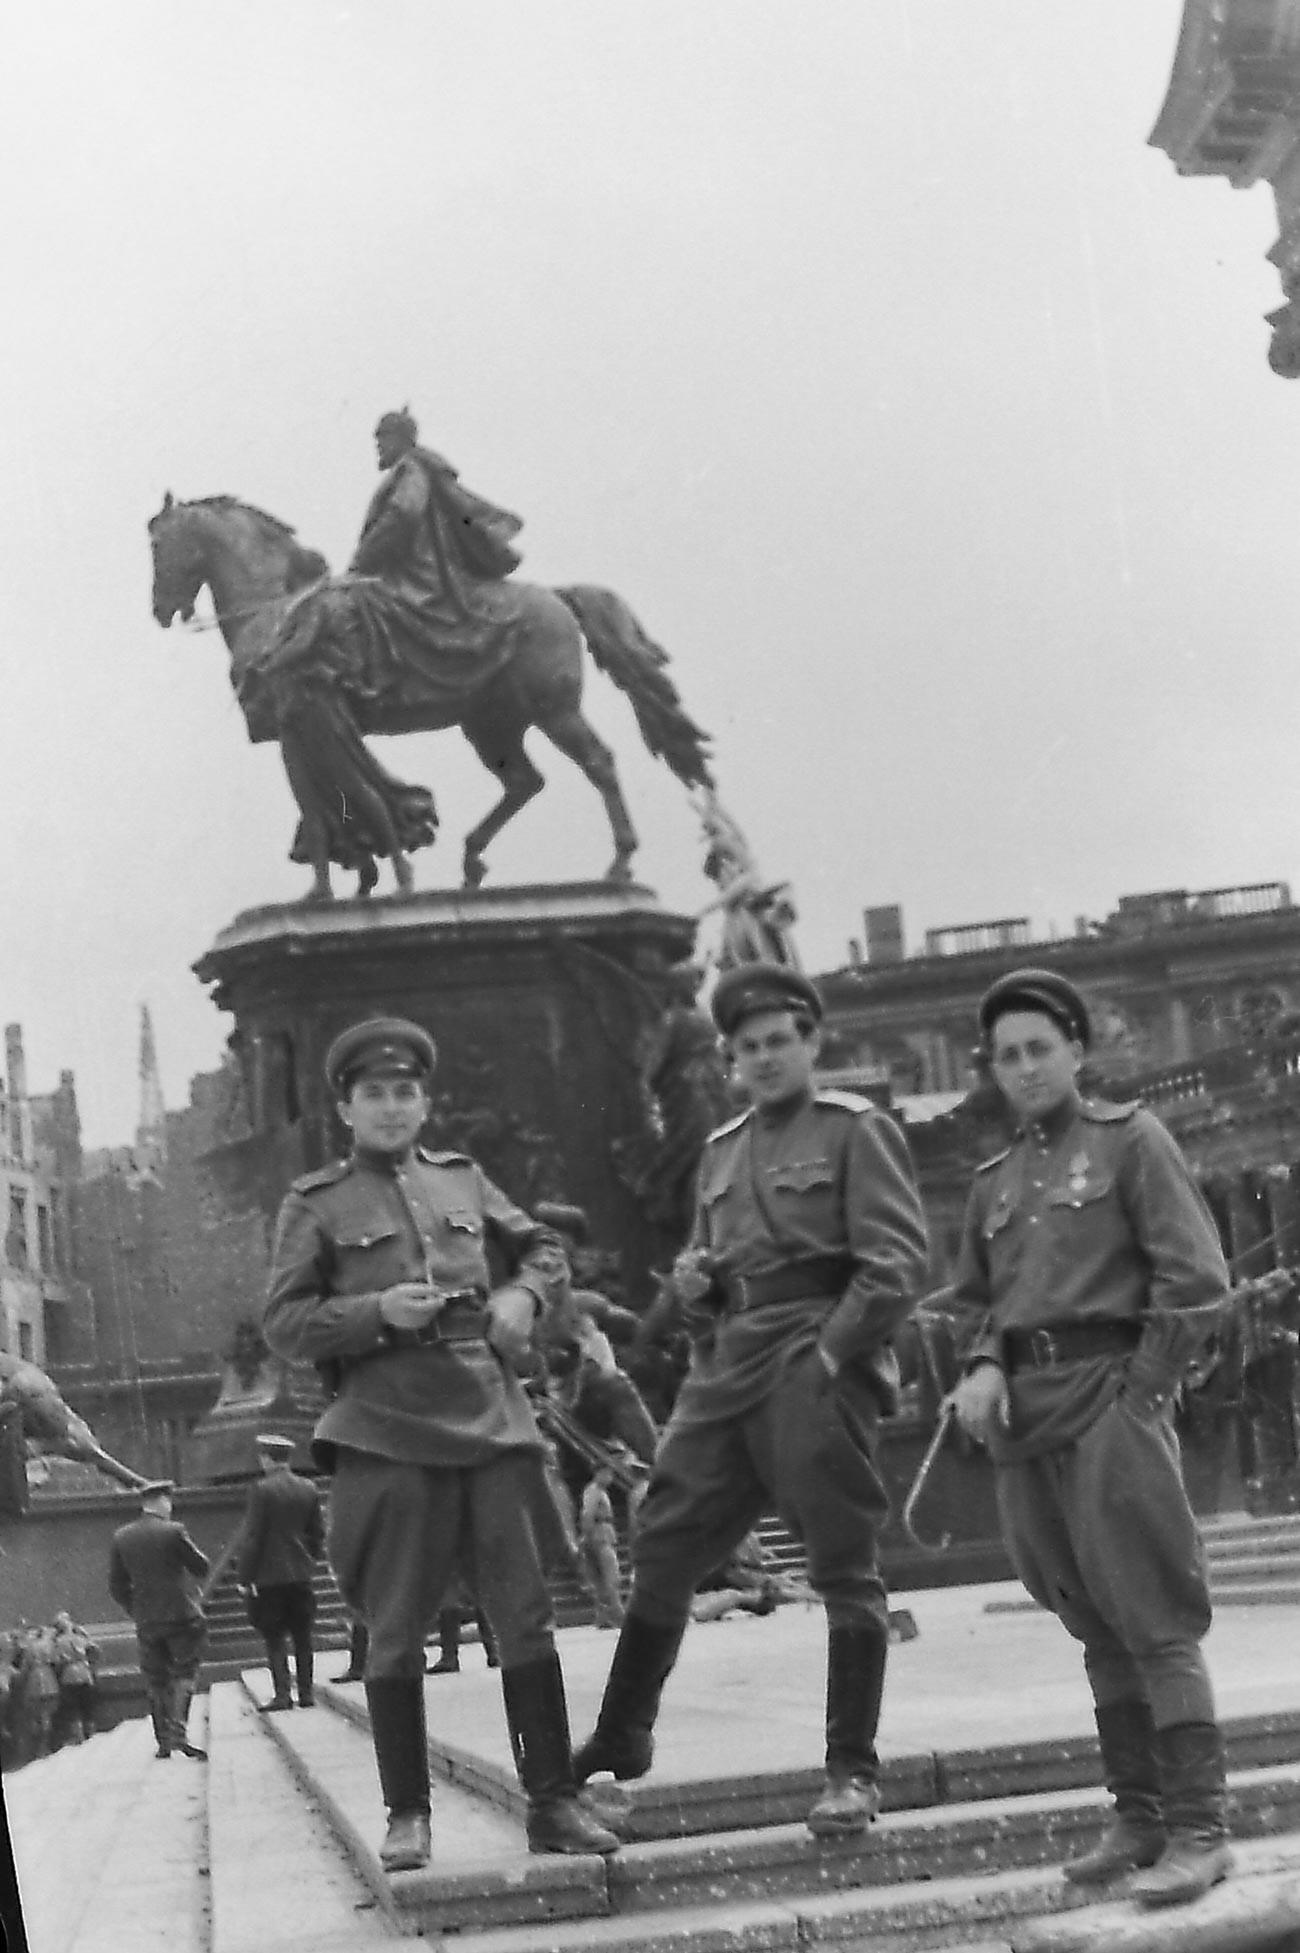 Sutradara Leon Saakov (tengah), videografer perang Ilya Arons, dan Mikhail Poselskiy. Berlin, Juni 1945.